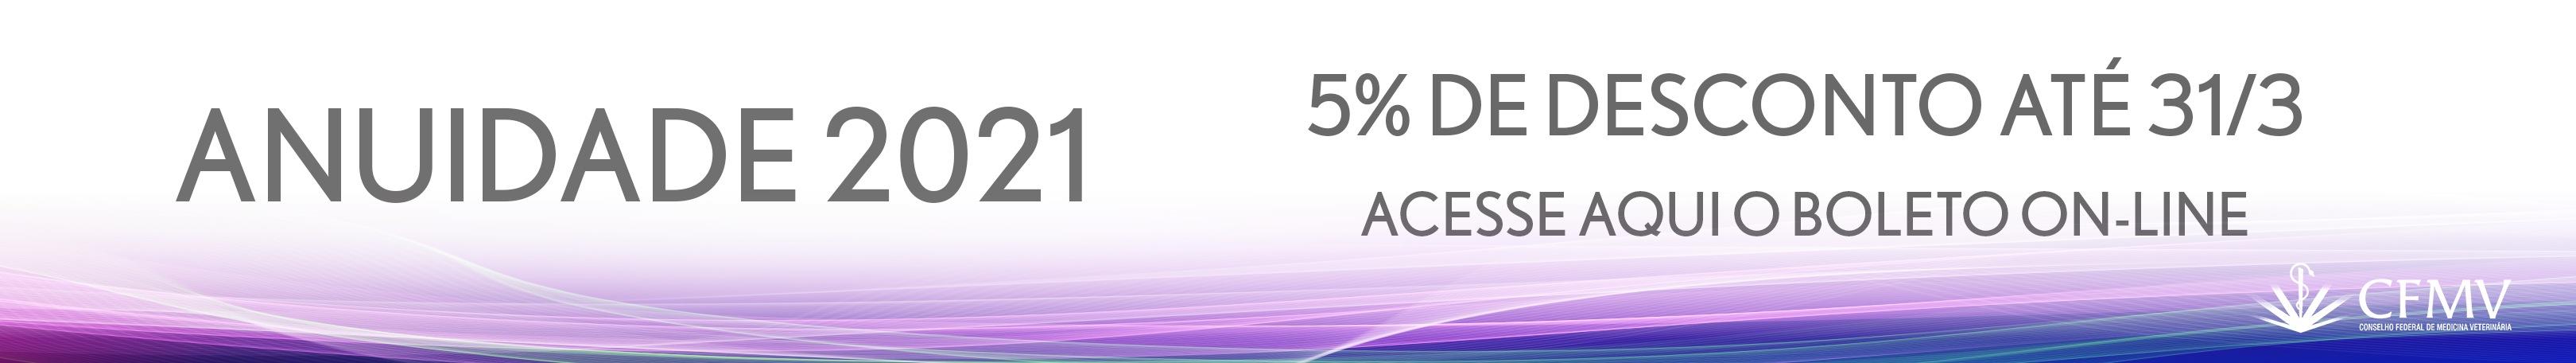 Anuidade com 5% de desconto